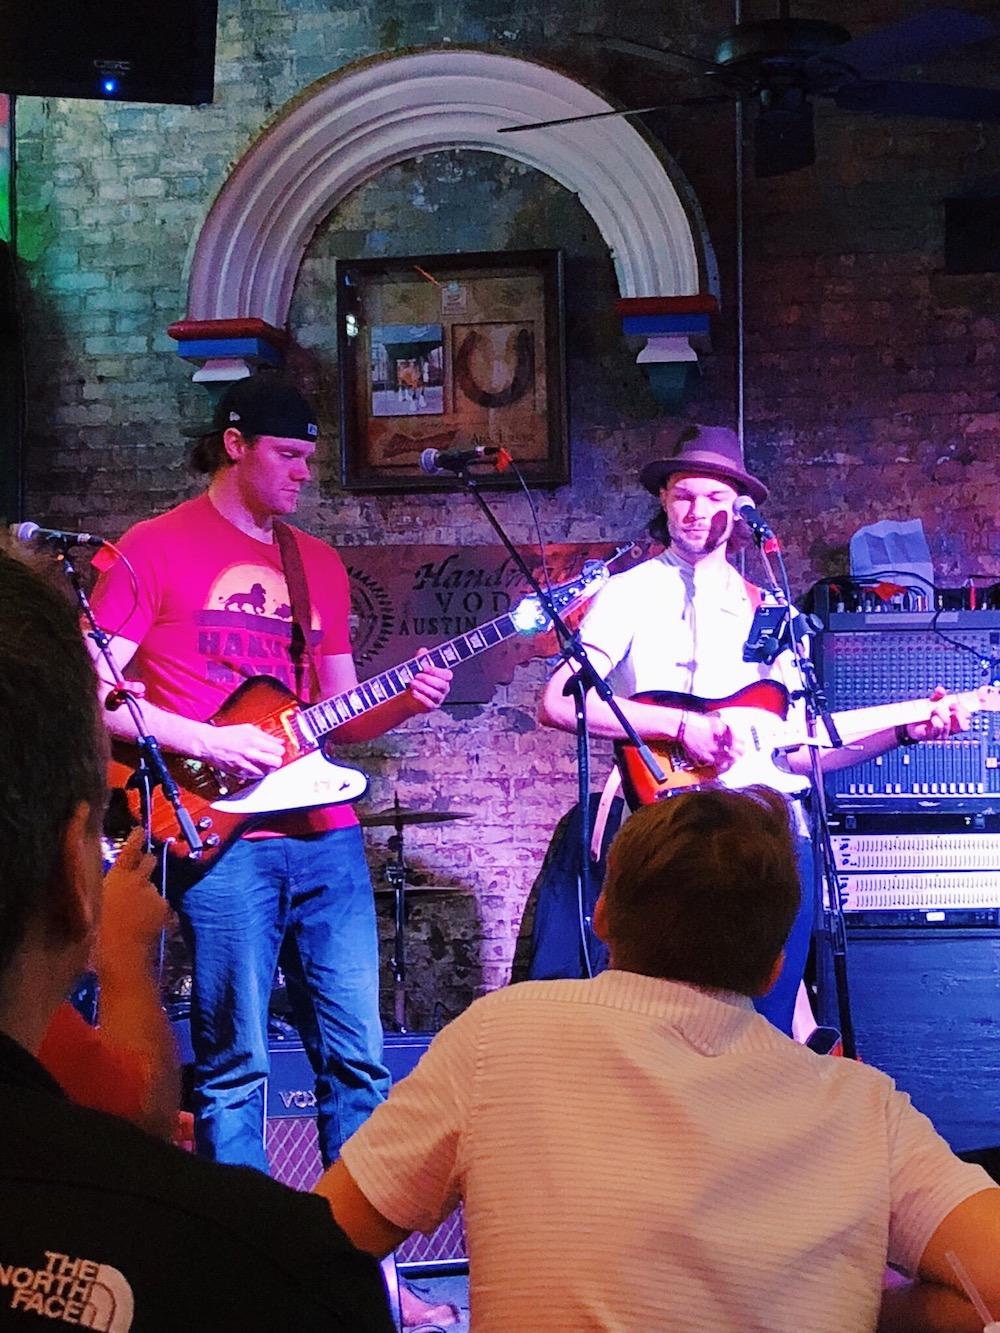 Nashville bar performers on Broadway